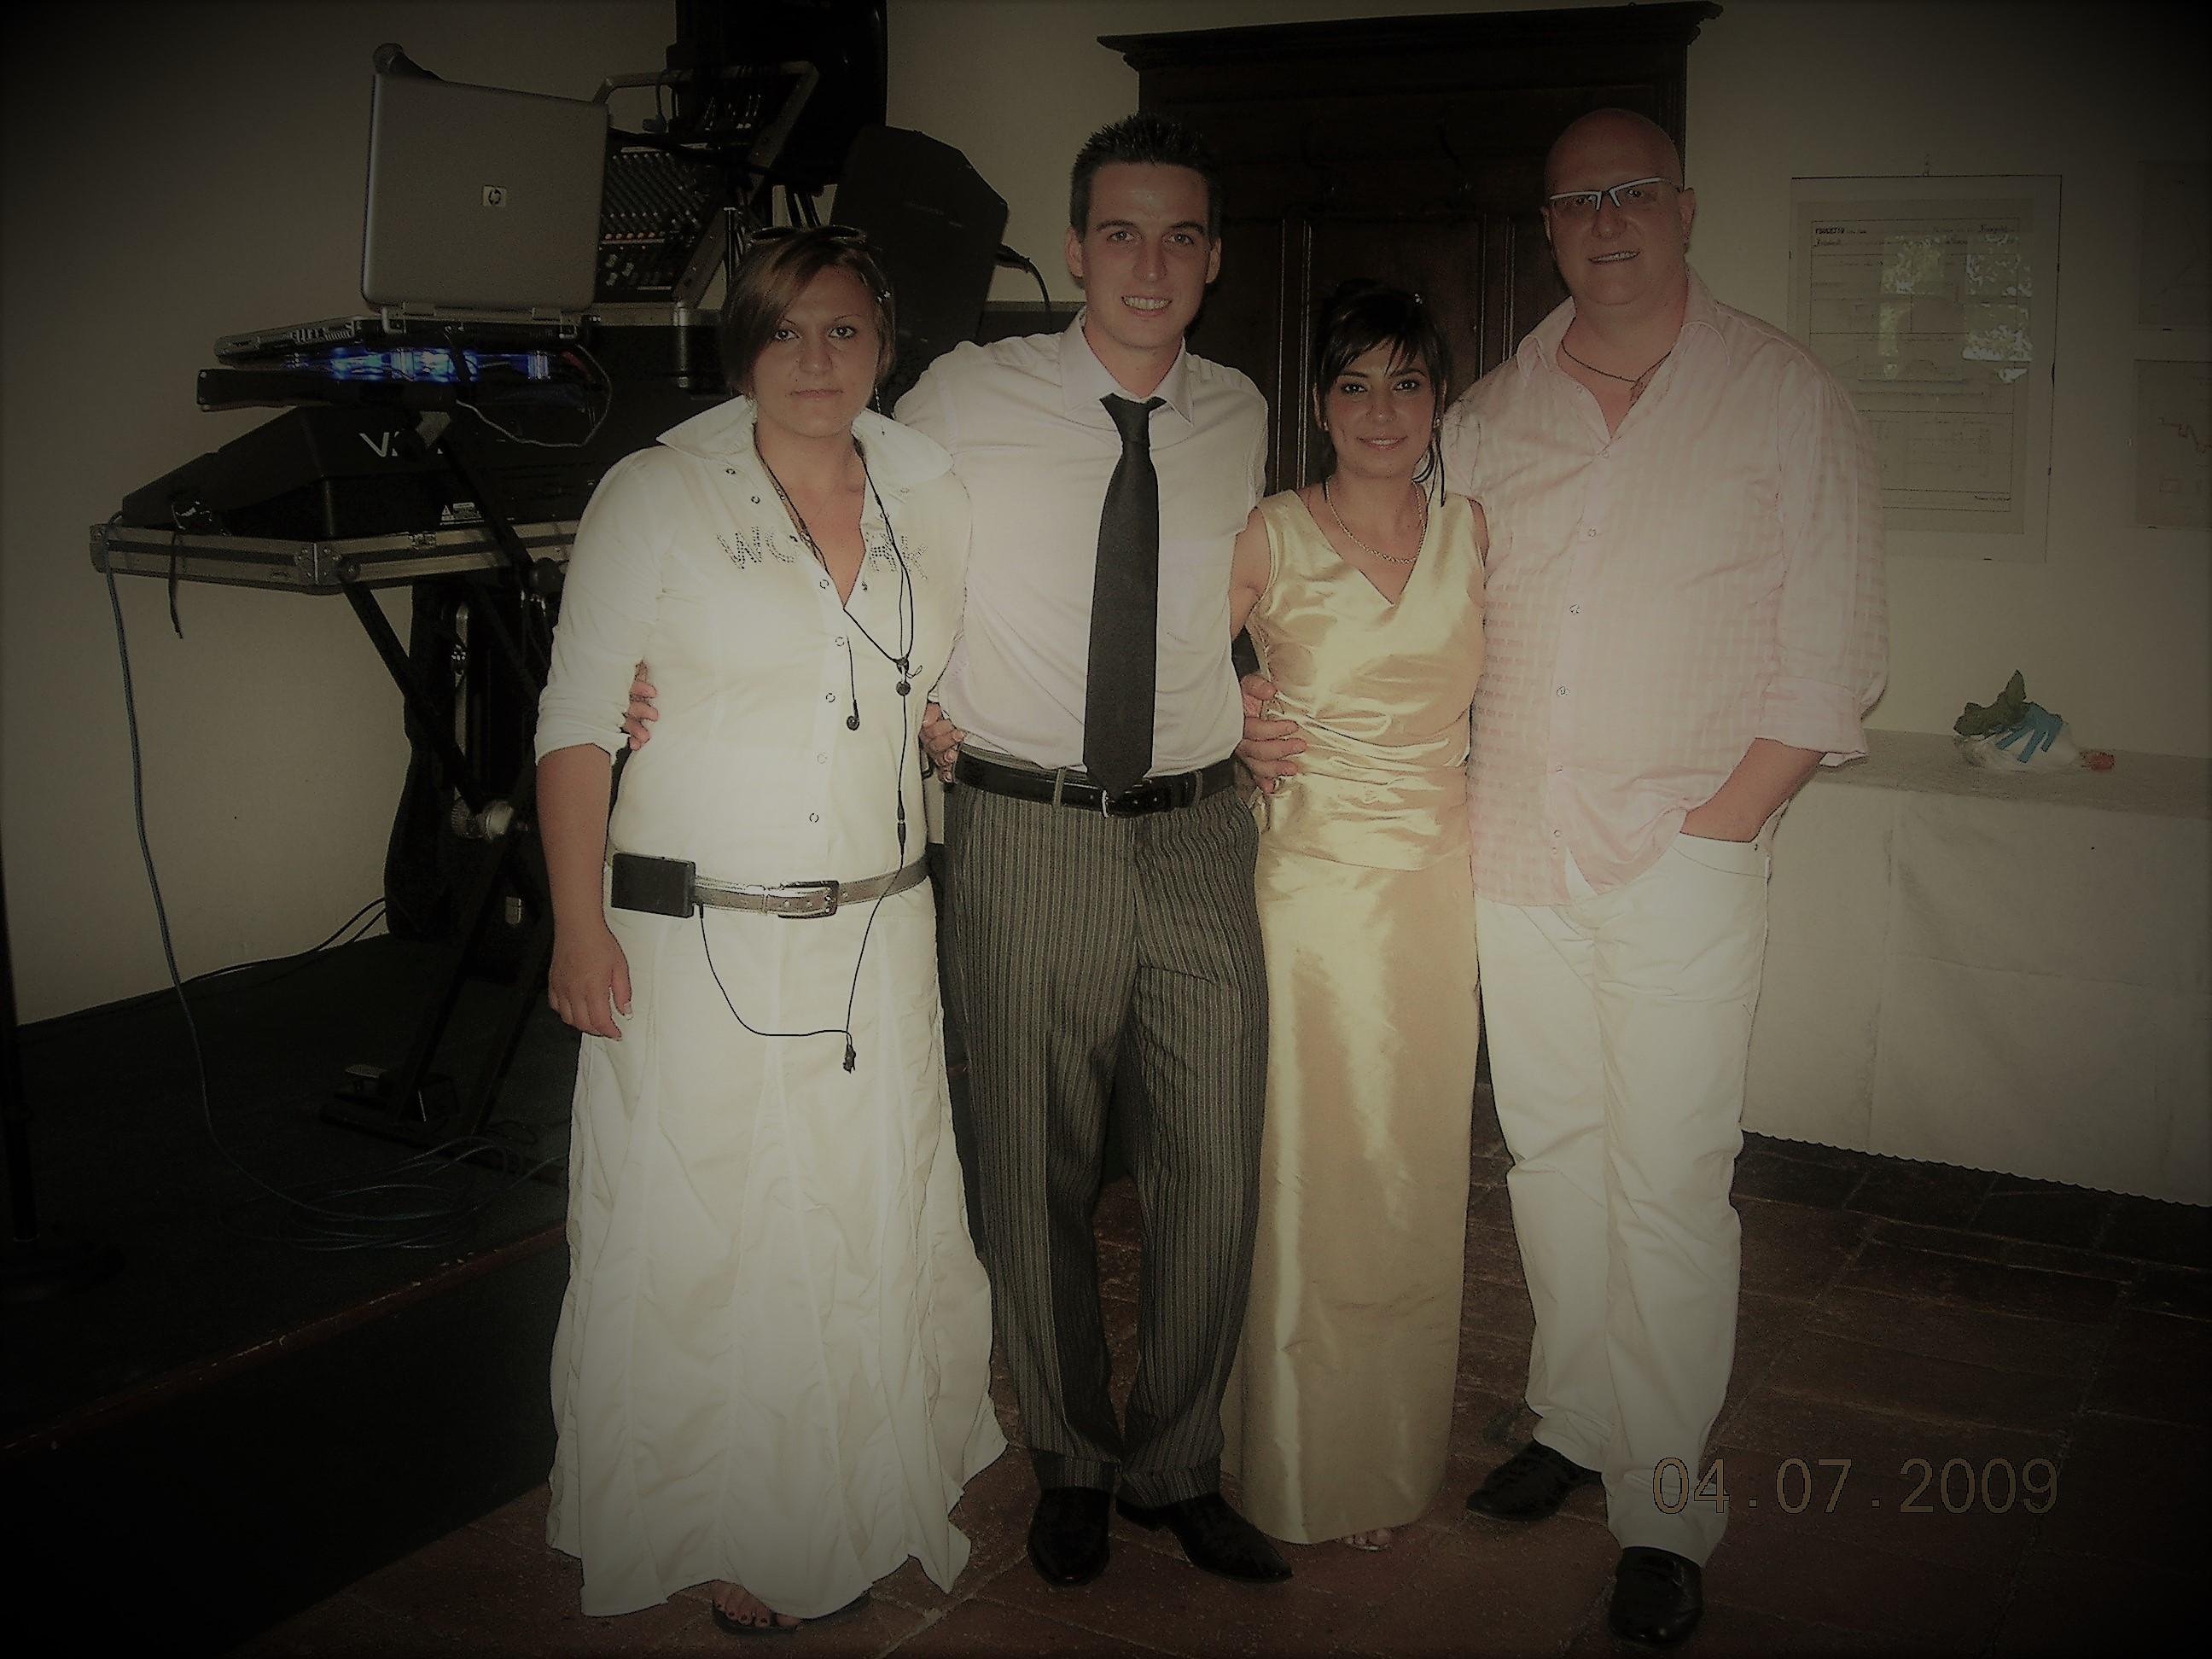 Oscar e Emanuela 04.07.2009 - 115.JPG